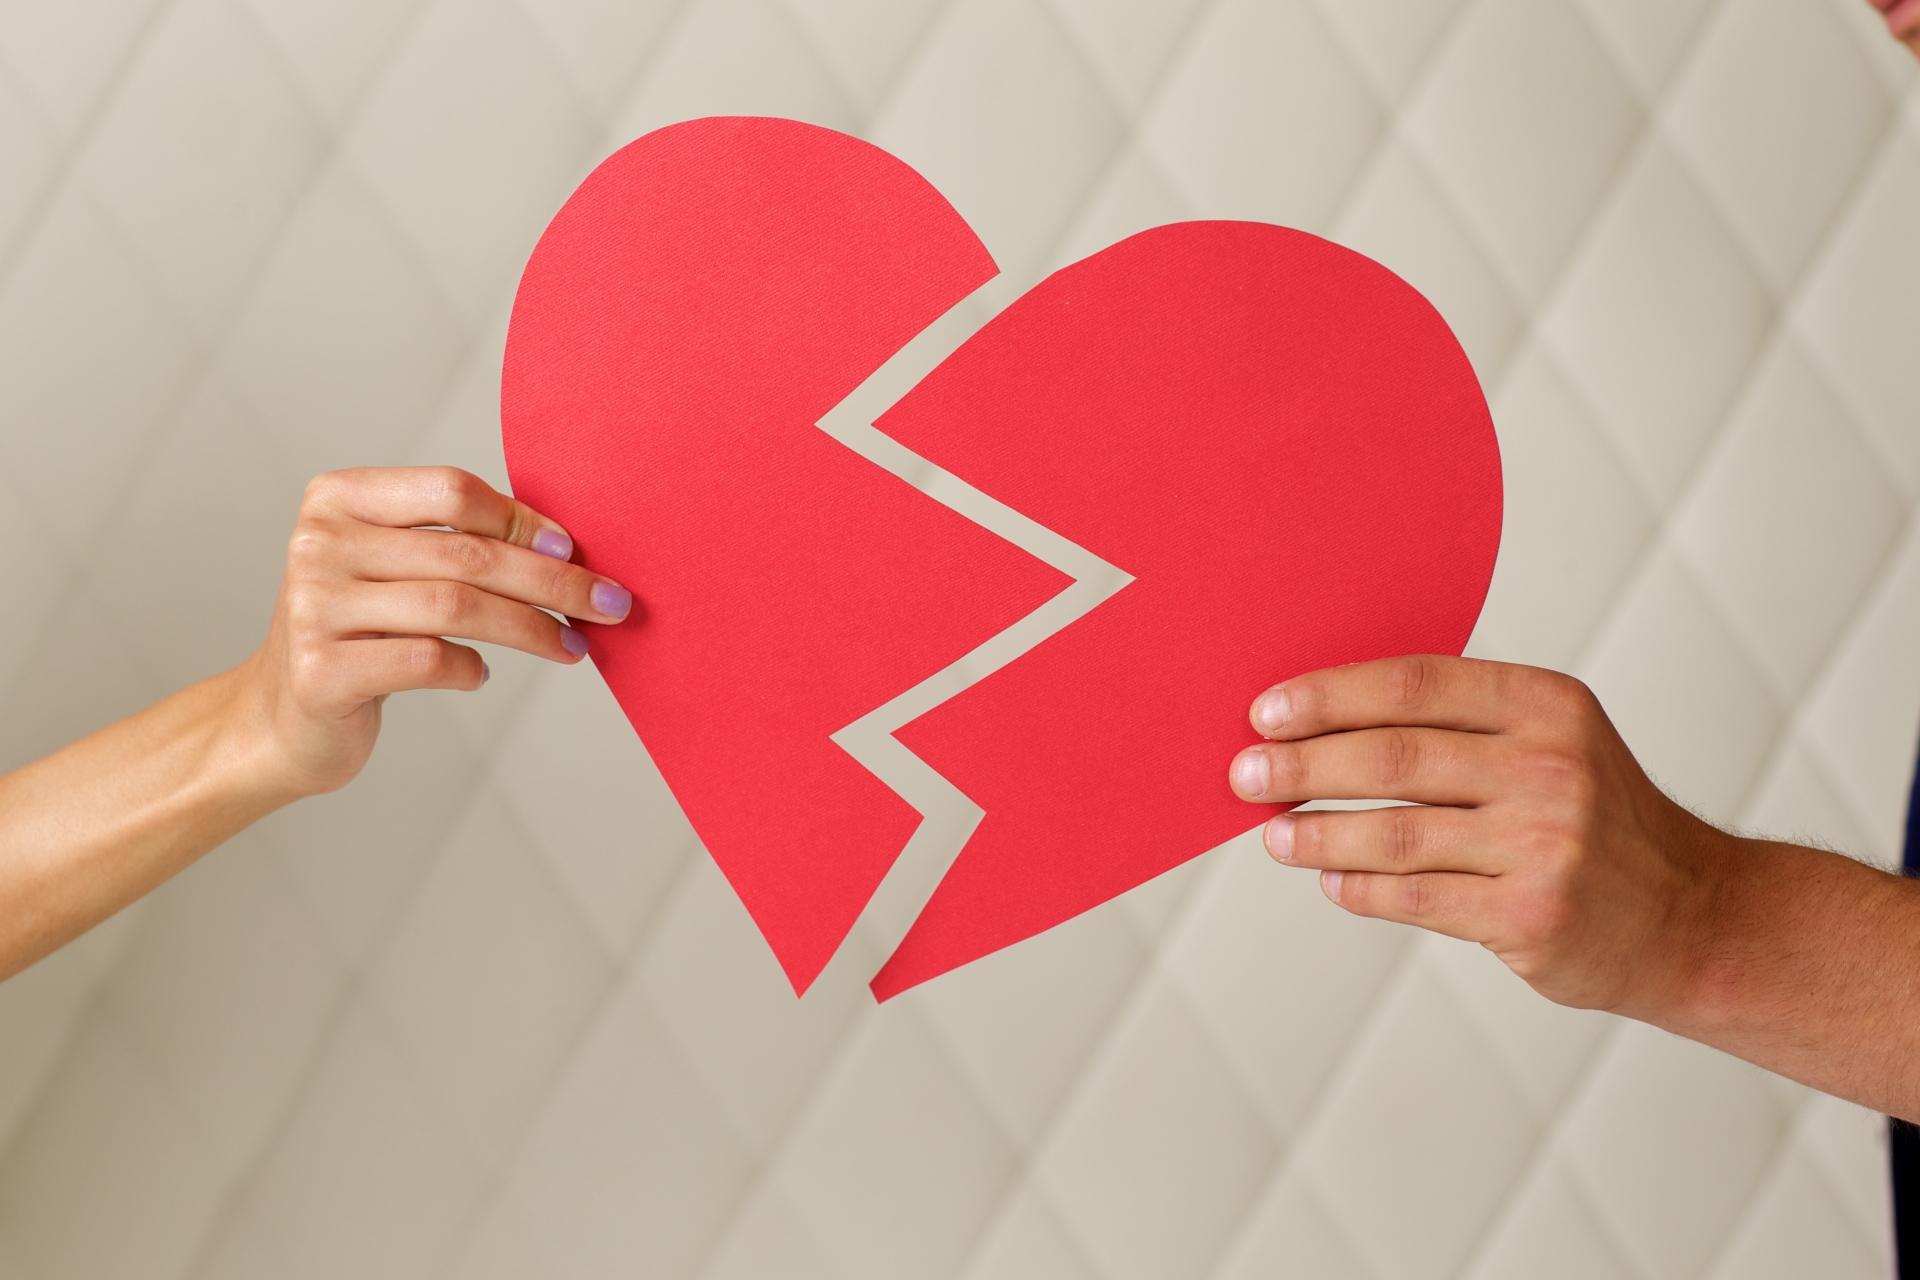 失恋して辛い!男性が失恋を乗り越えるための9つの方法をご紹介。